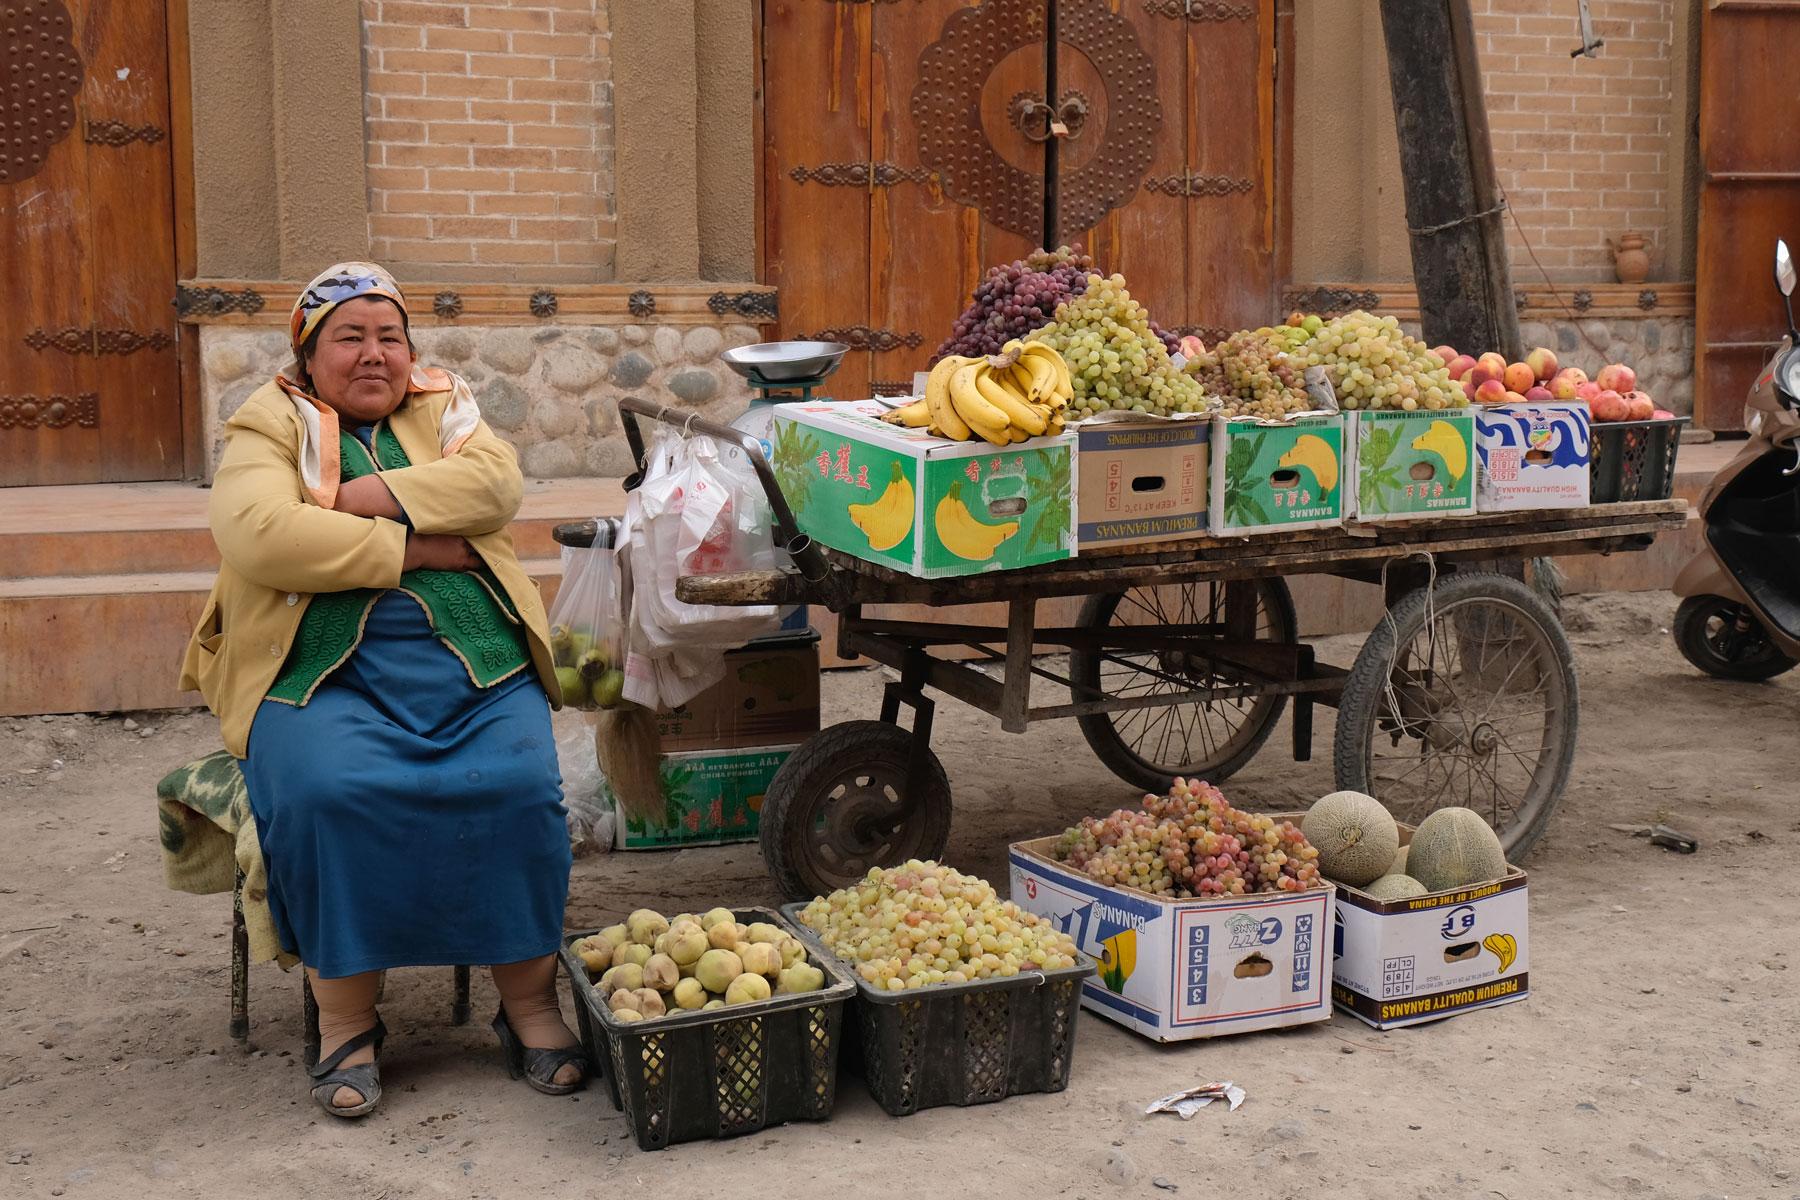 Auf unserem Spauiergang durch die Altstadt Yarkants treffen wir diese nette Obstverkäuferin